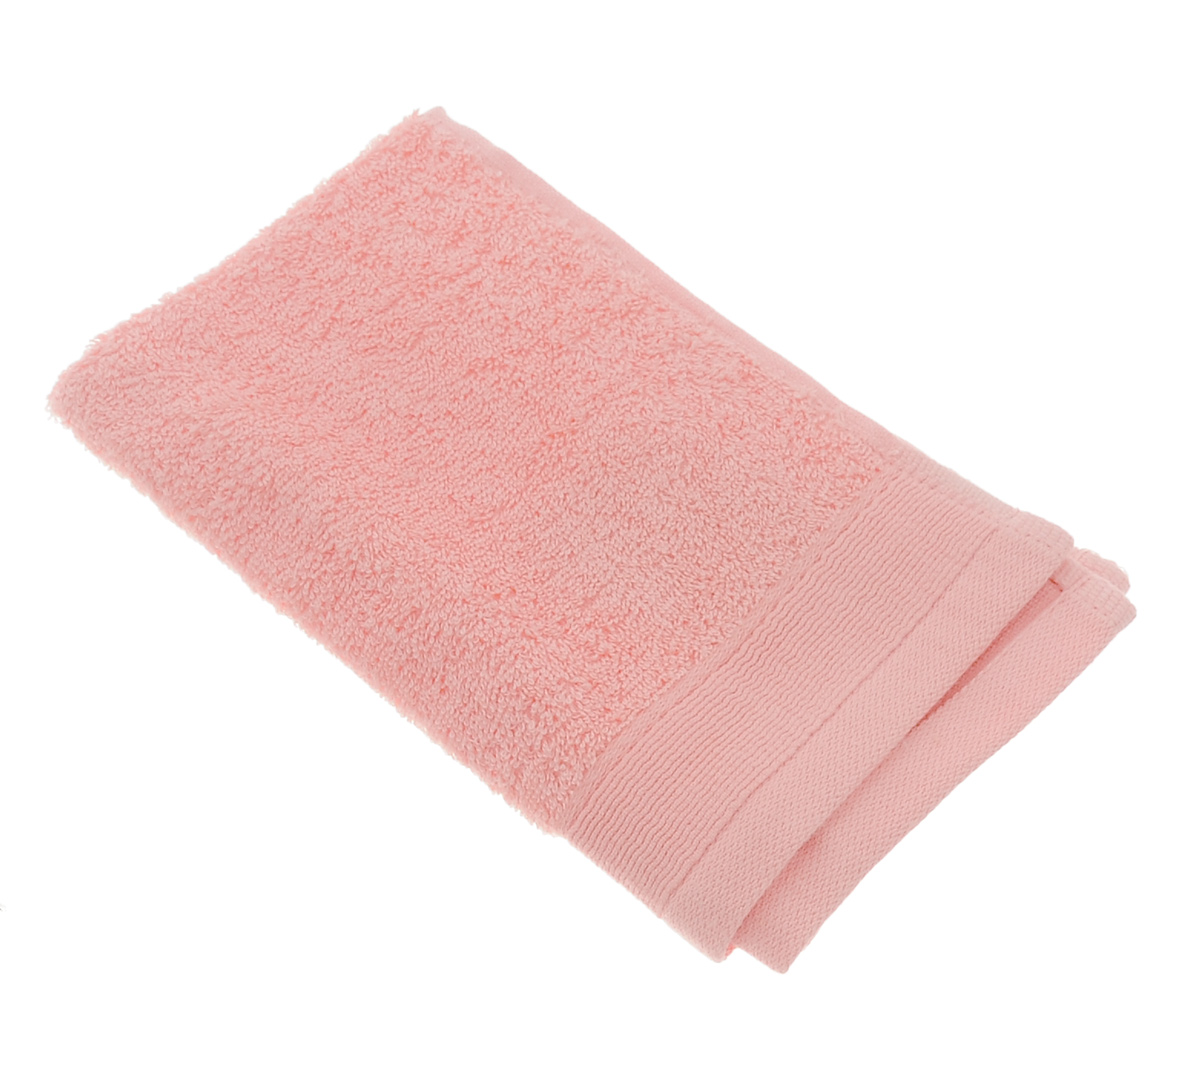 Полотенце махровое Guten Morgen, цвет: персиковый, 30 х 50 смБ90Махровое полотенце Guten Morgen, изготовленное из натурального хлопка, прекрасно впитывает влагу и быстро сохнет. Высокая плотность ткани делает полотенце мягкими, прочными и пушистыми. При соблюдении рекомендаций по уходу изделие сохраняет яркость цвета и не теряет форму даже после многократных стирок. Махровое полотенце Guten Morgen станет достойным выбором для вас и приятным подарком для ваших близких. Мягкость и высокое качество материала, из которого изготовлено полотенце, не оставит вас равнодушными.